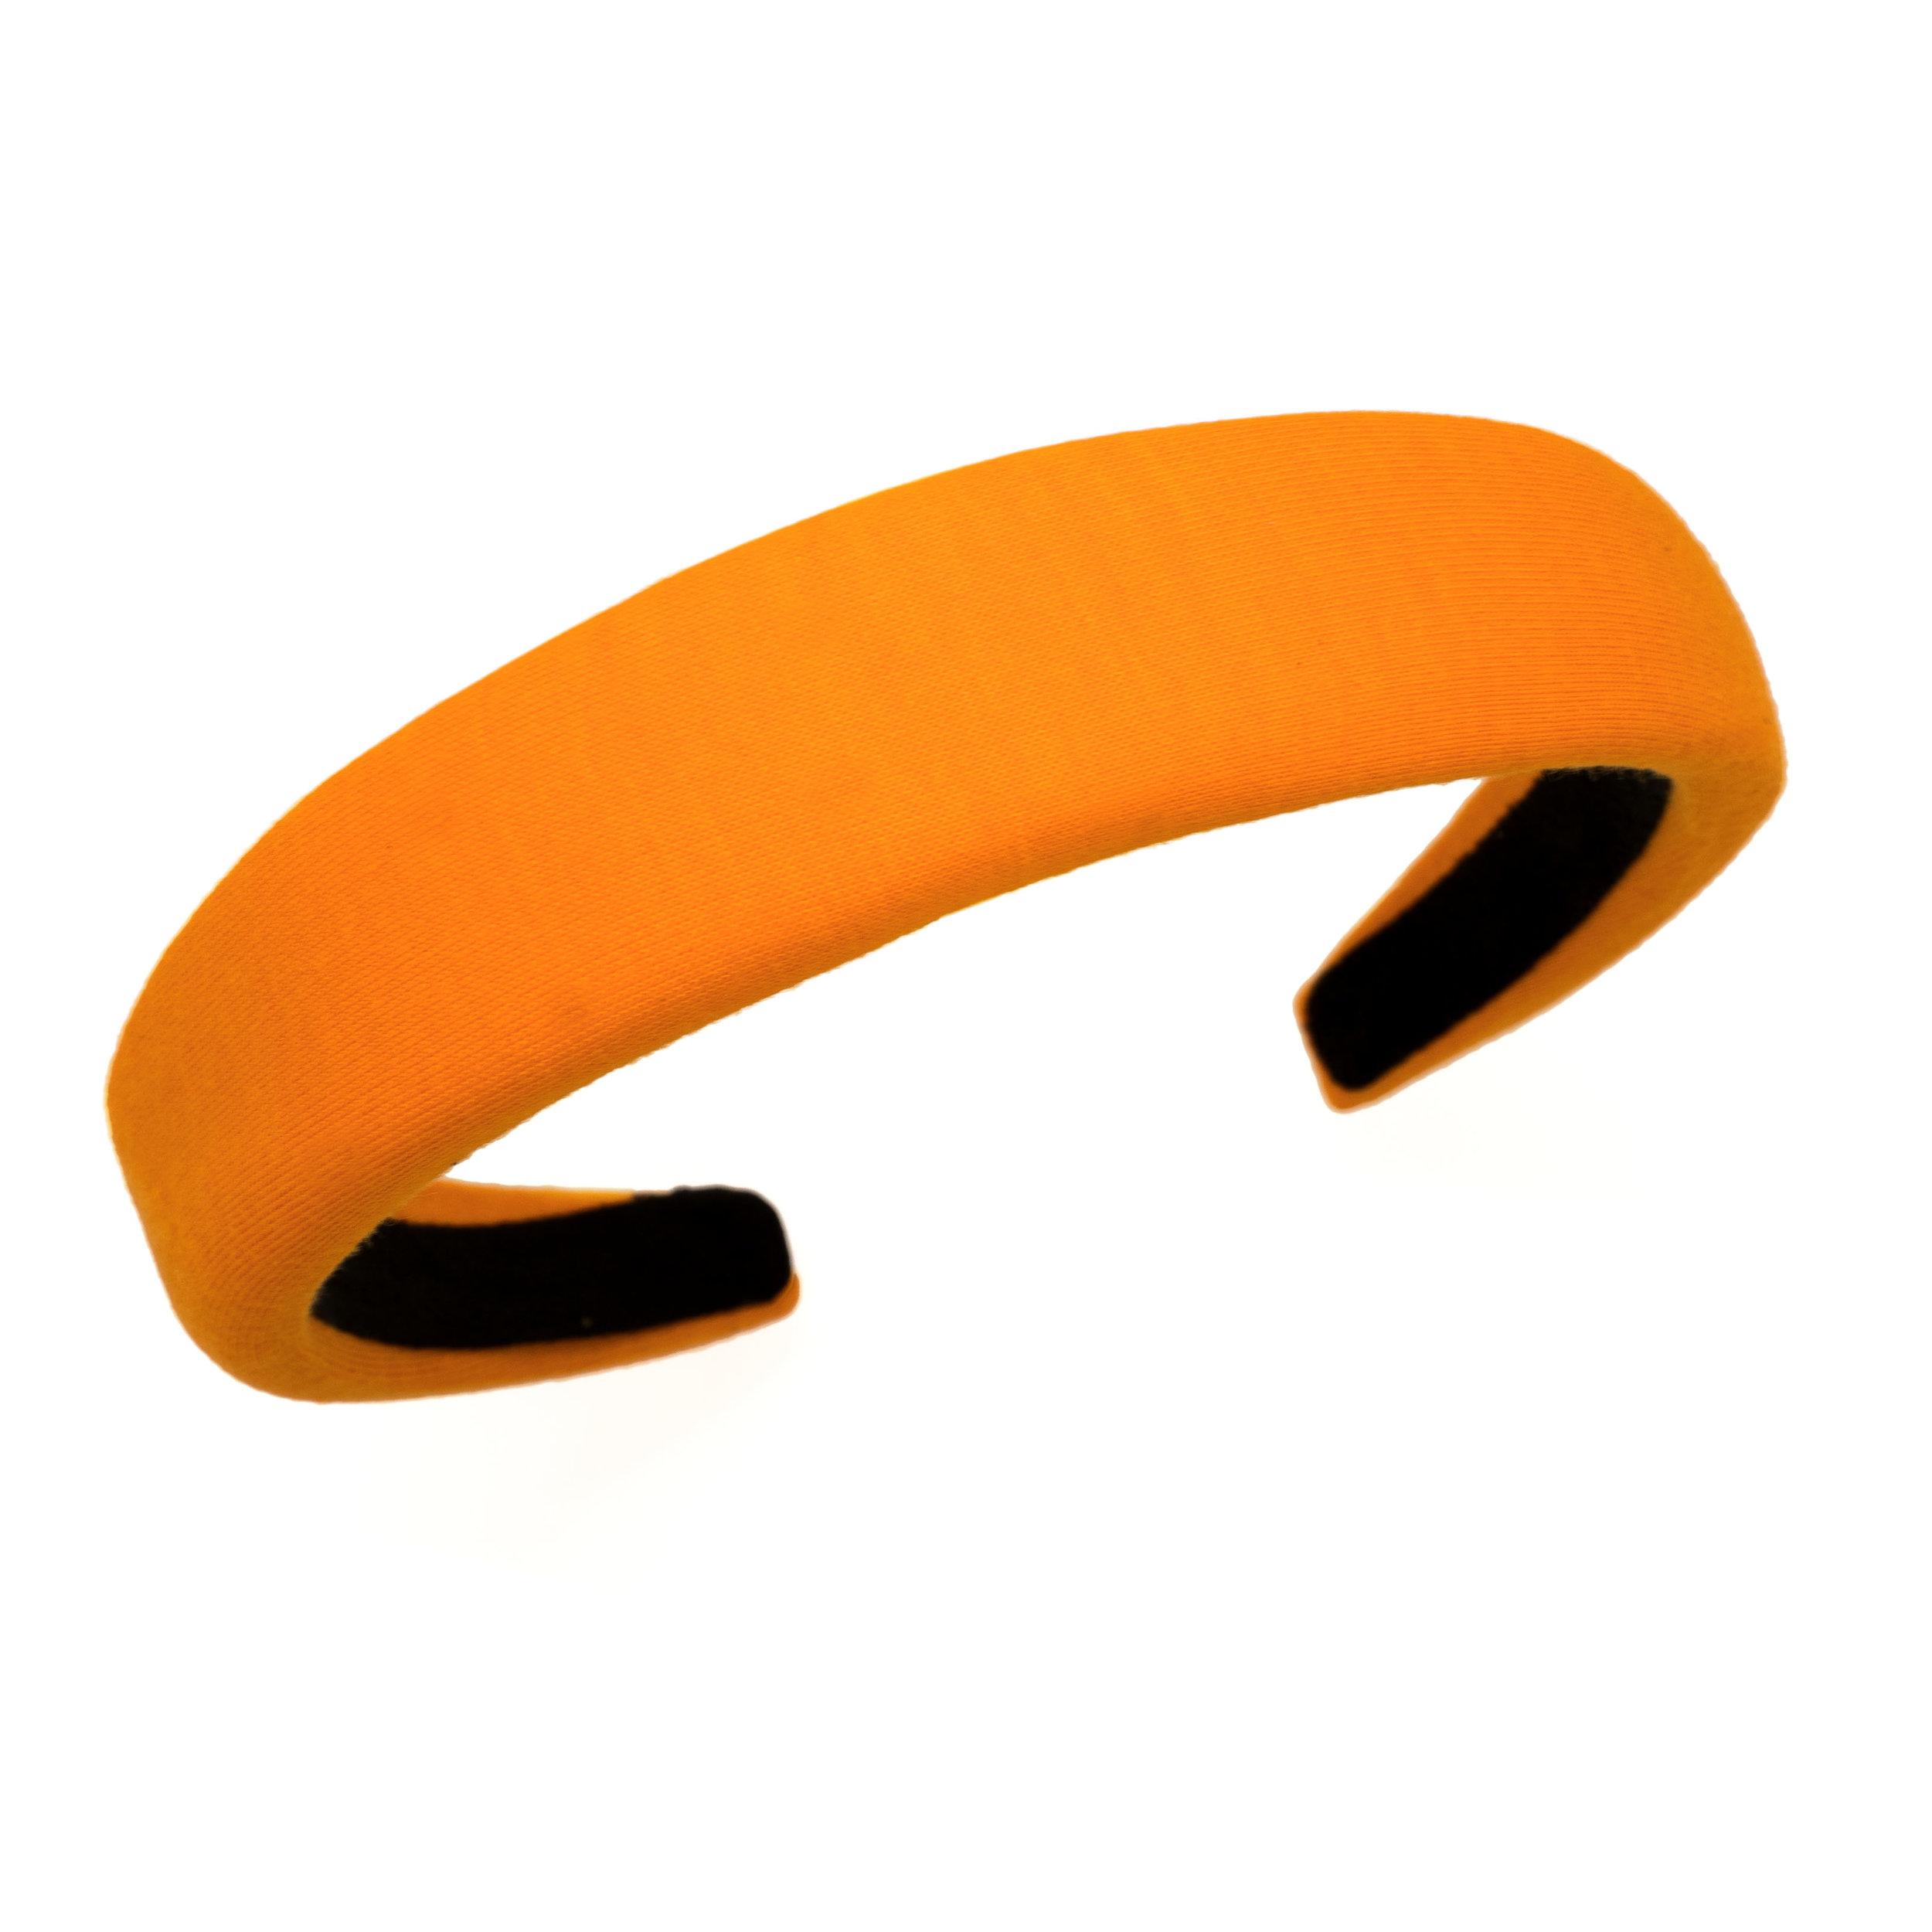 Trove headband, $29.95